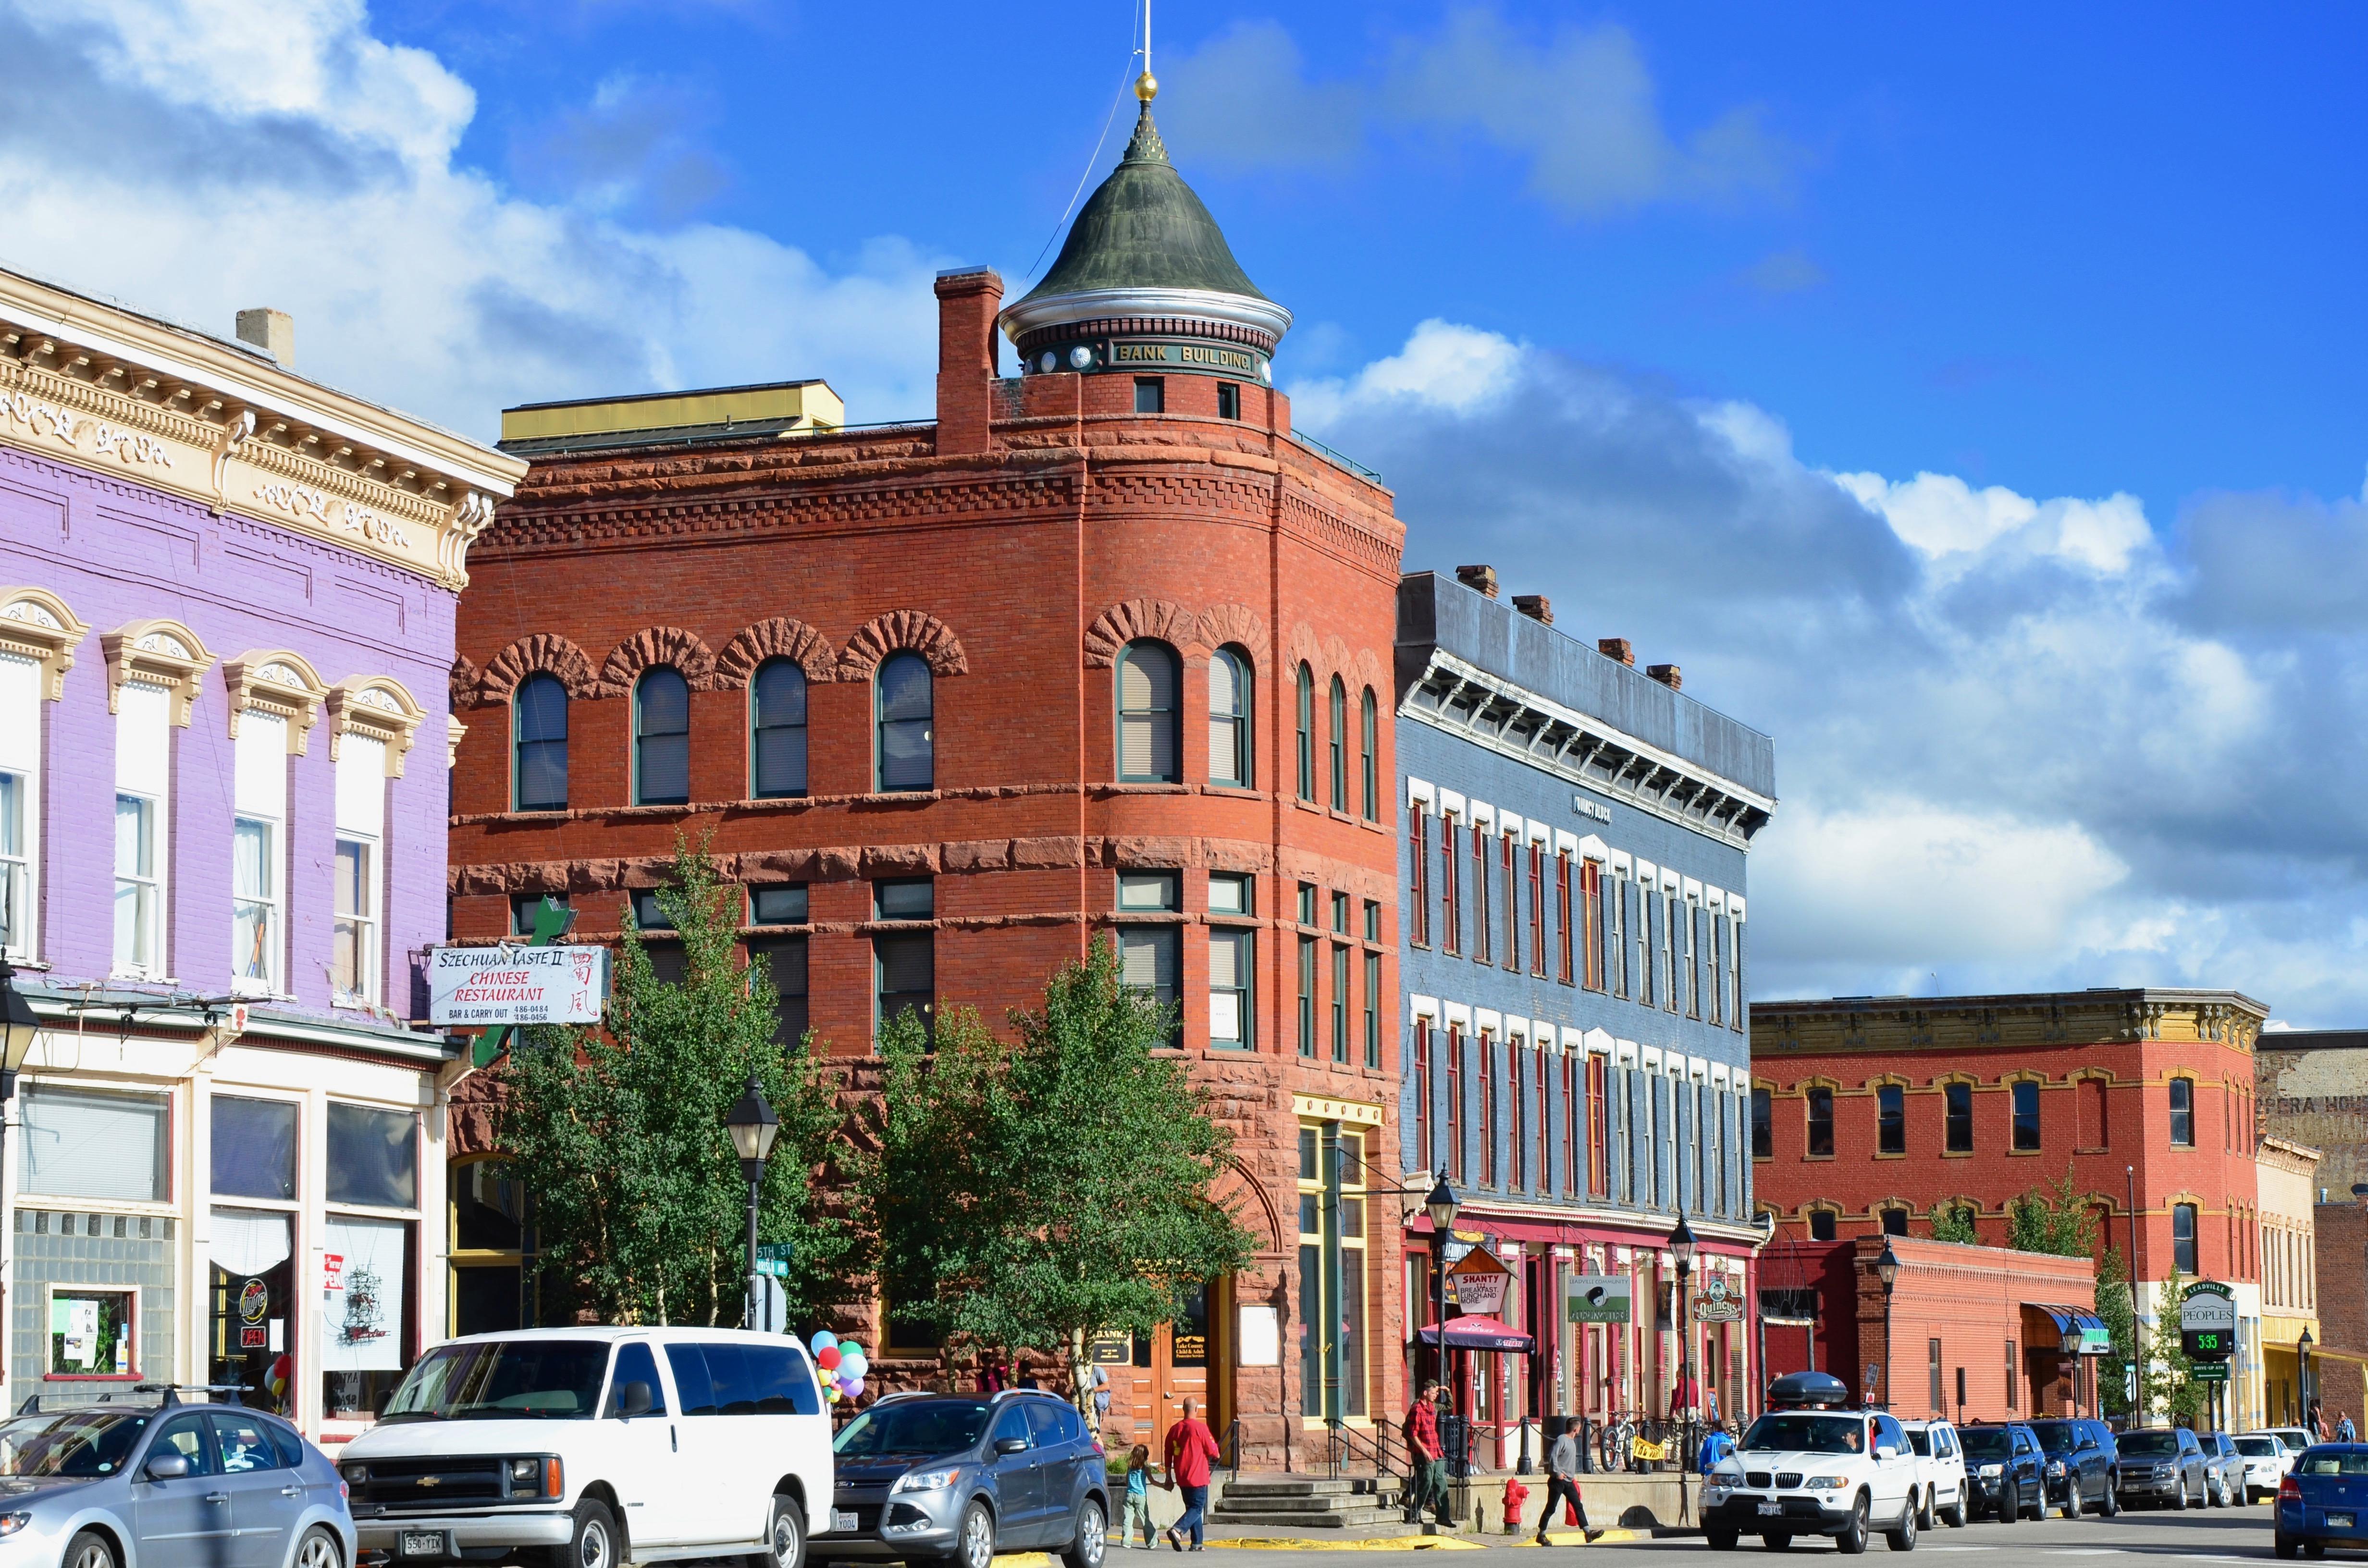 Main street in Leadville Colorado